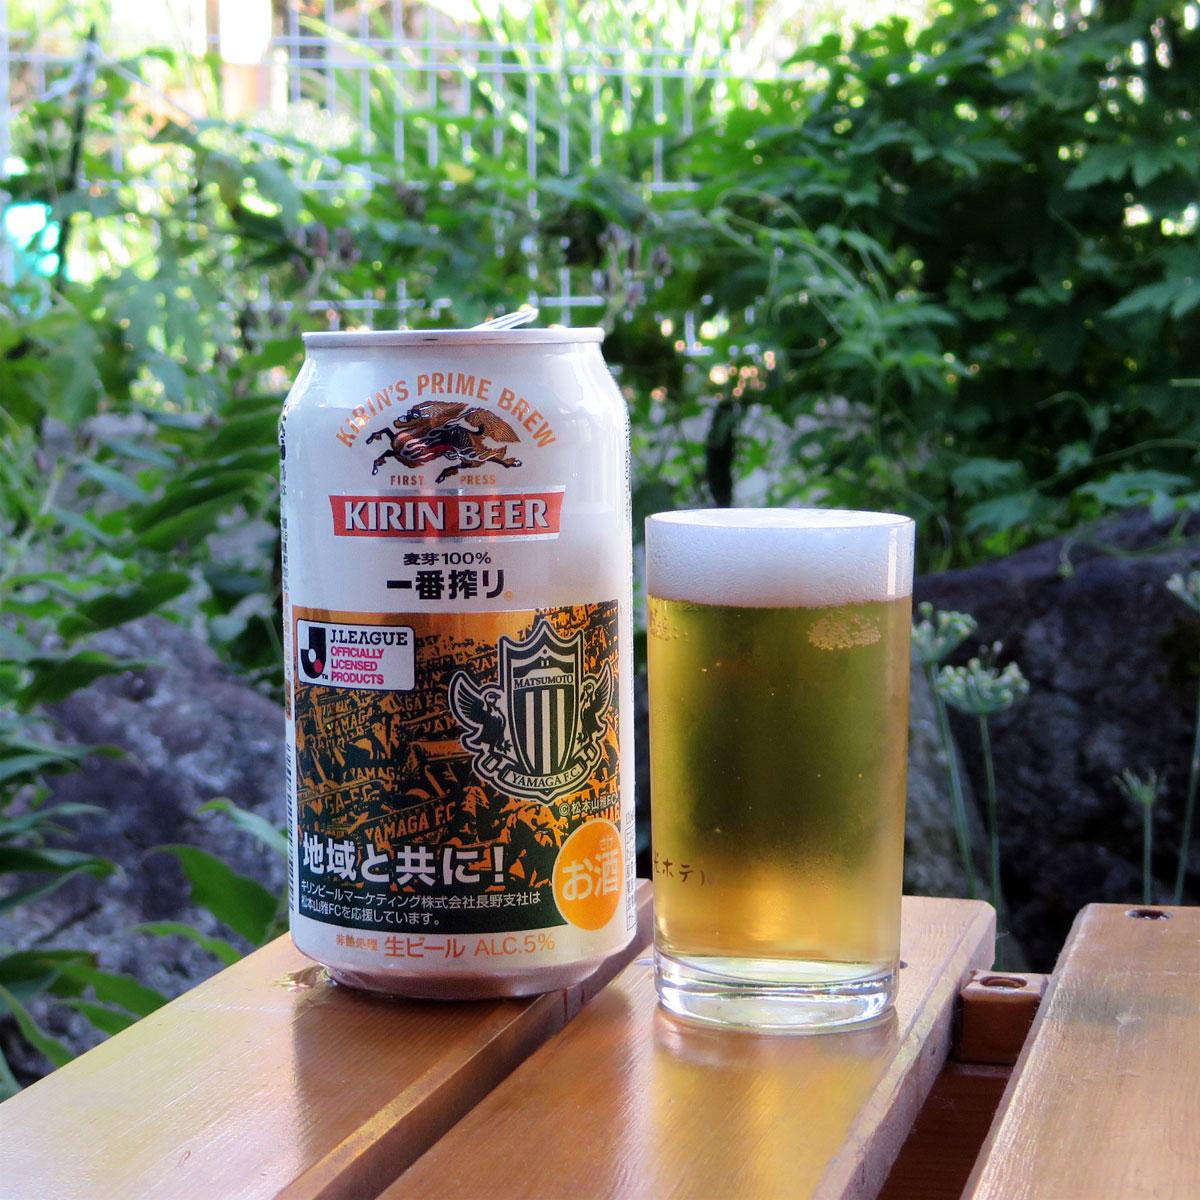 キリン一番搾り松本山雅デザイン缶